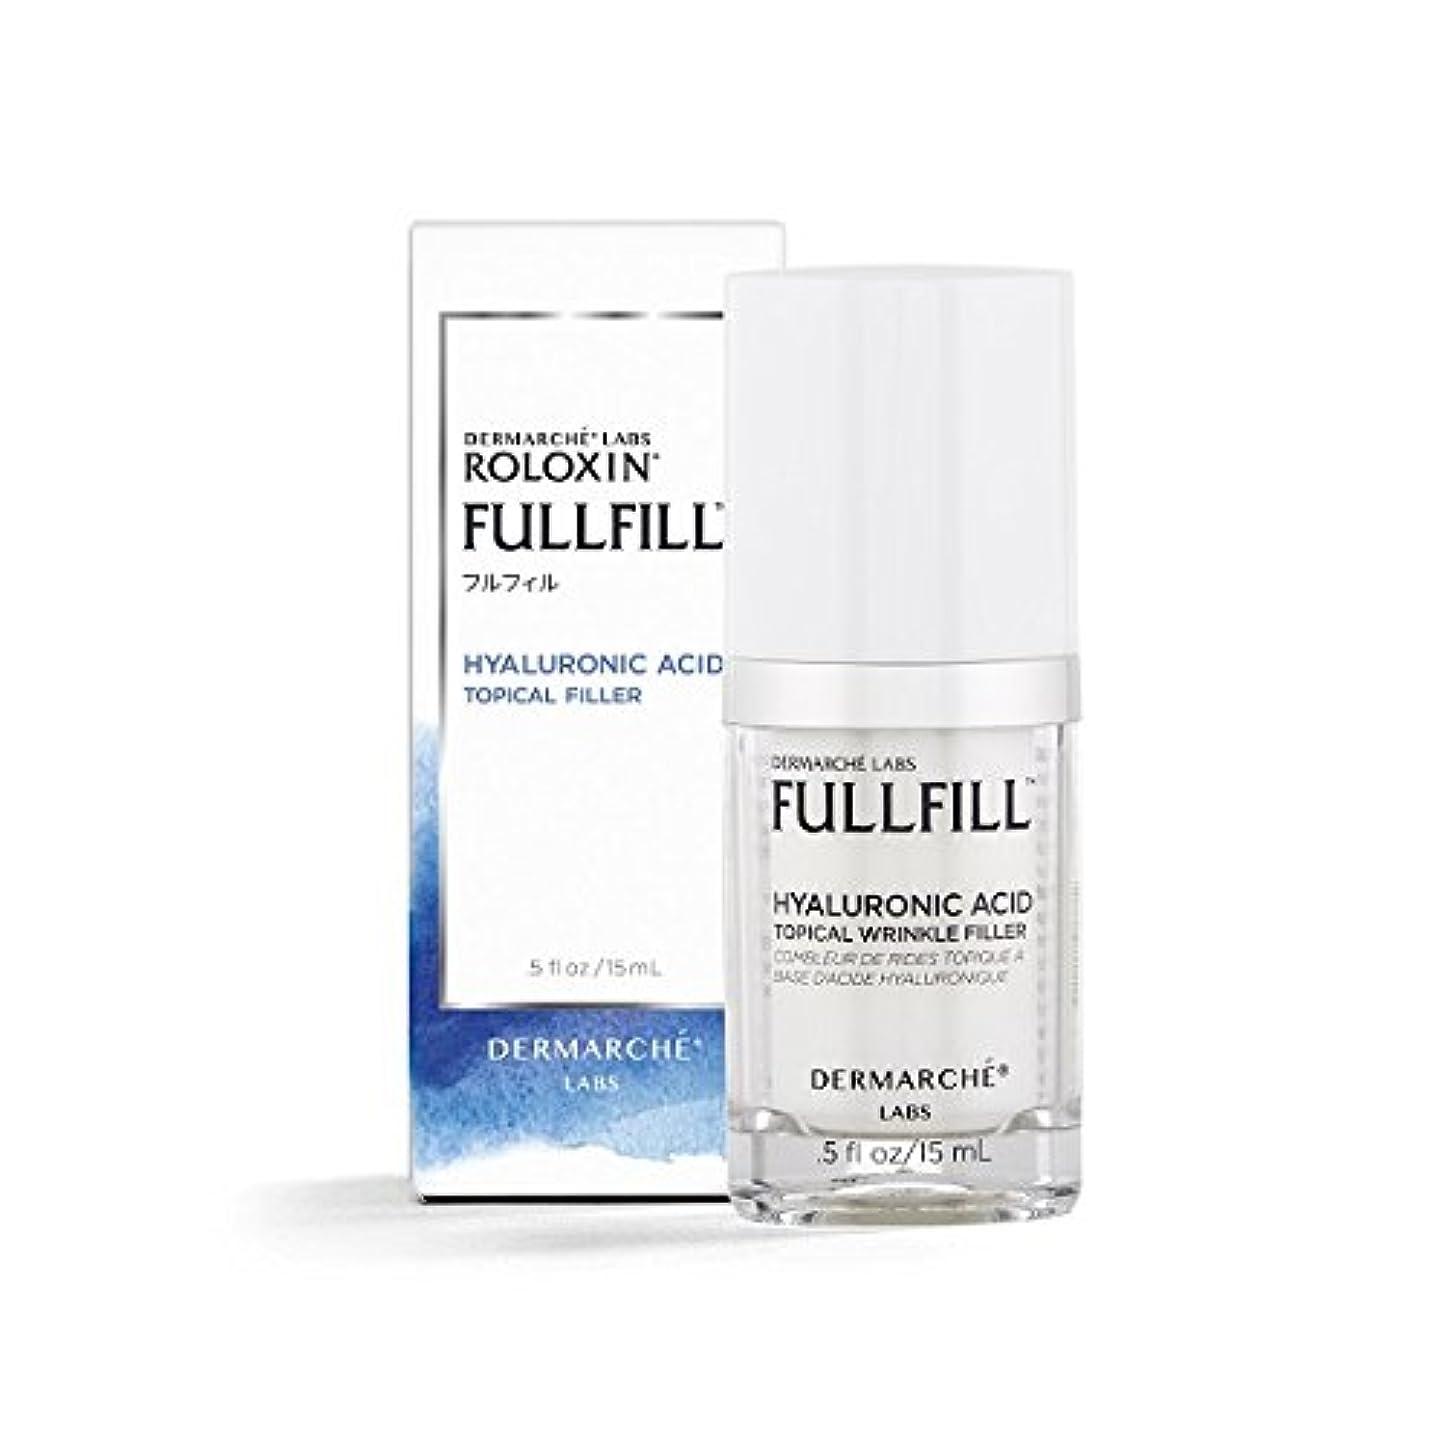 香ばしいキモい変更可能ダーマルシェラボ ロロキシン フルフィル DERMARCHE LABS ROLOXIN FULLFILL [ヒアルロン酸美容液] 15ml